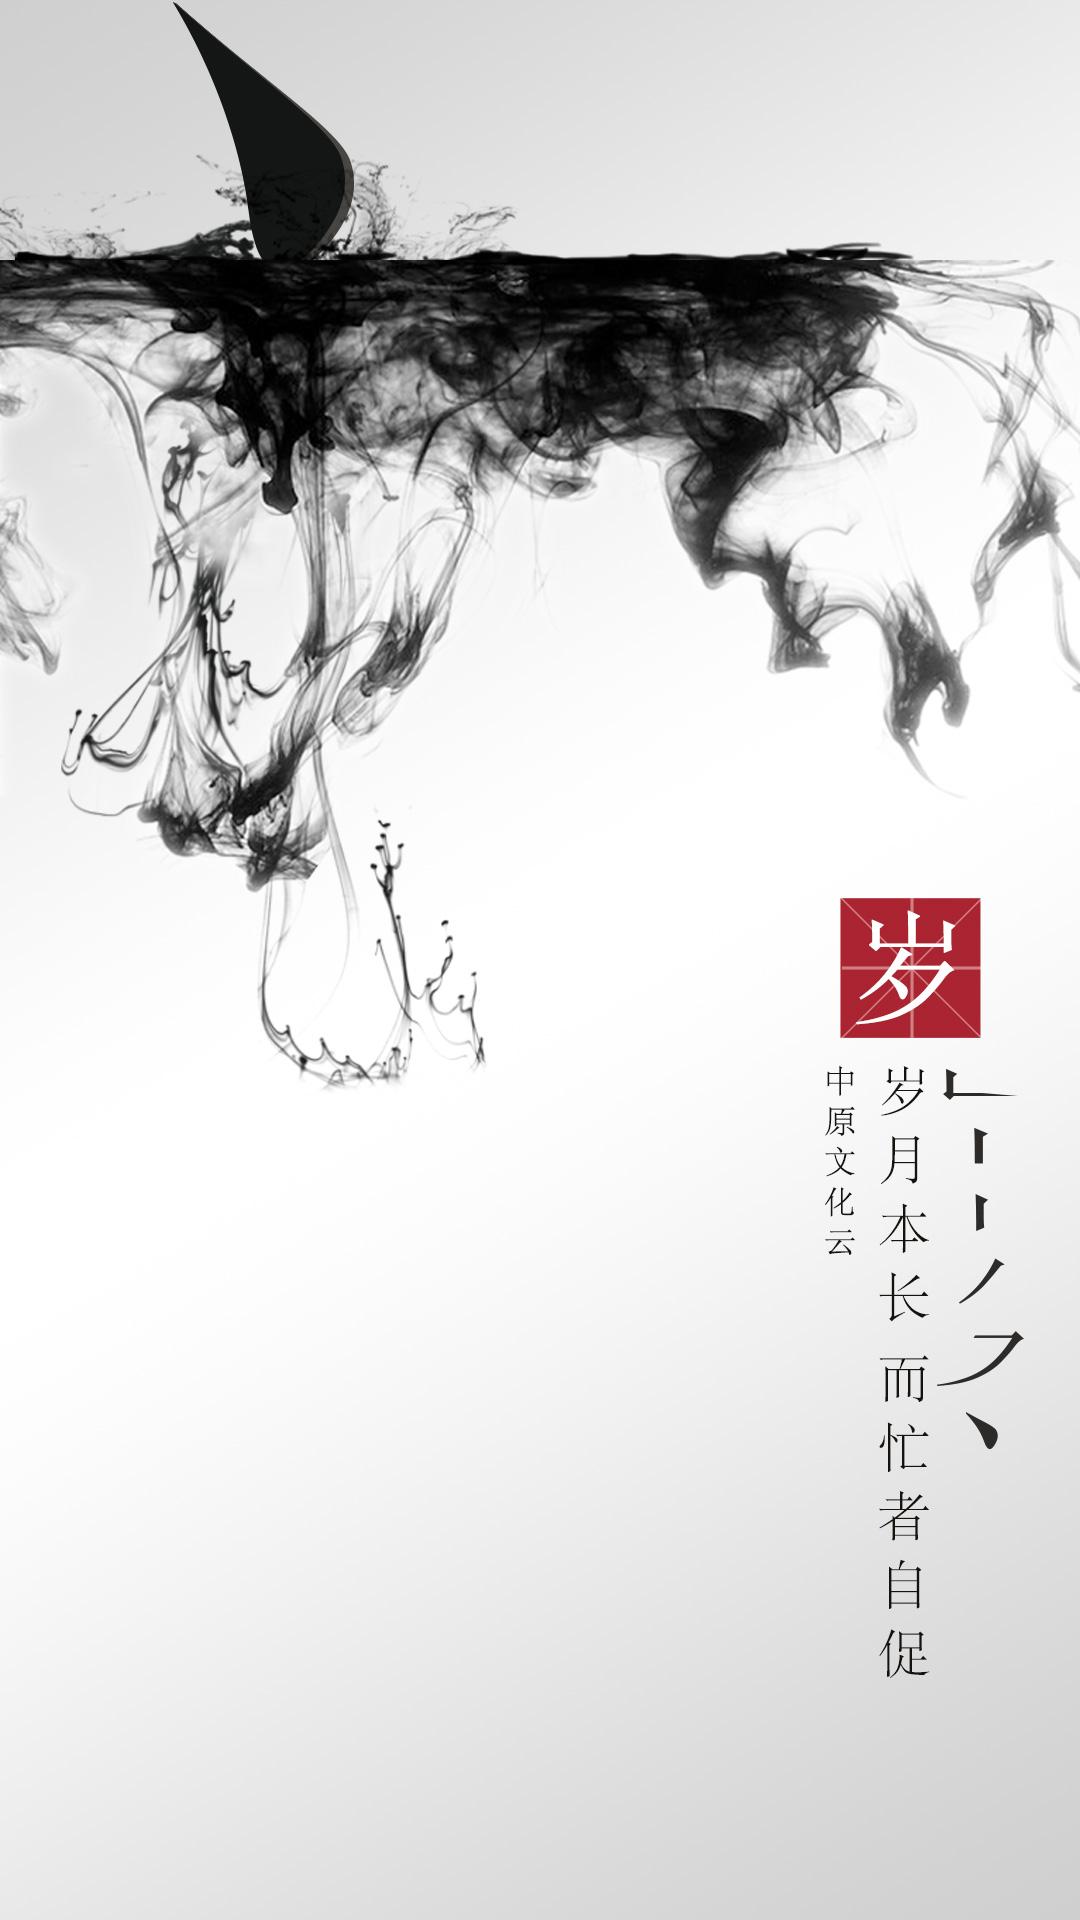 中原文化云截图